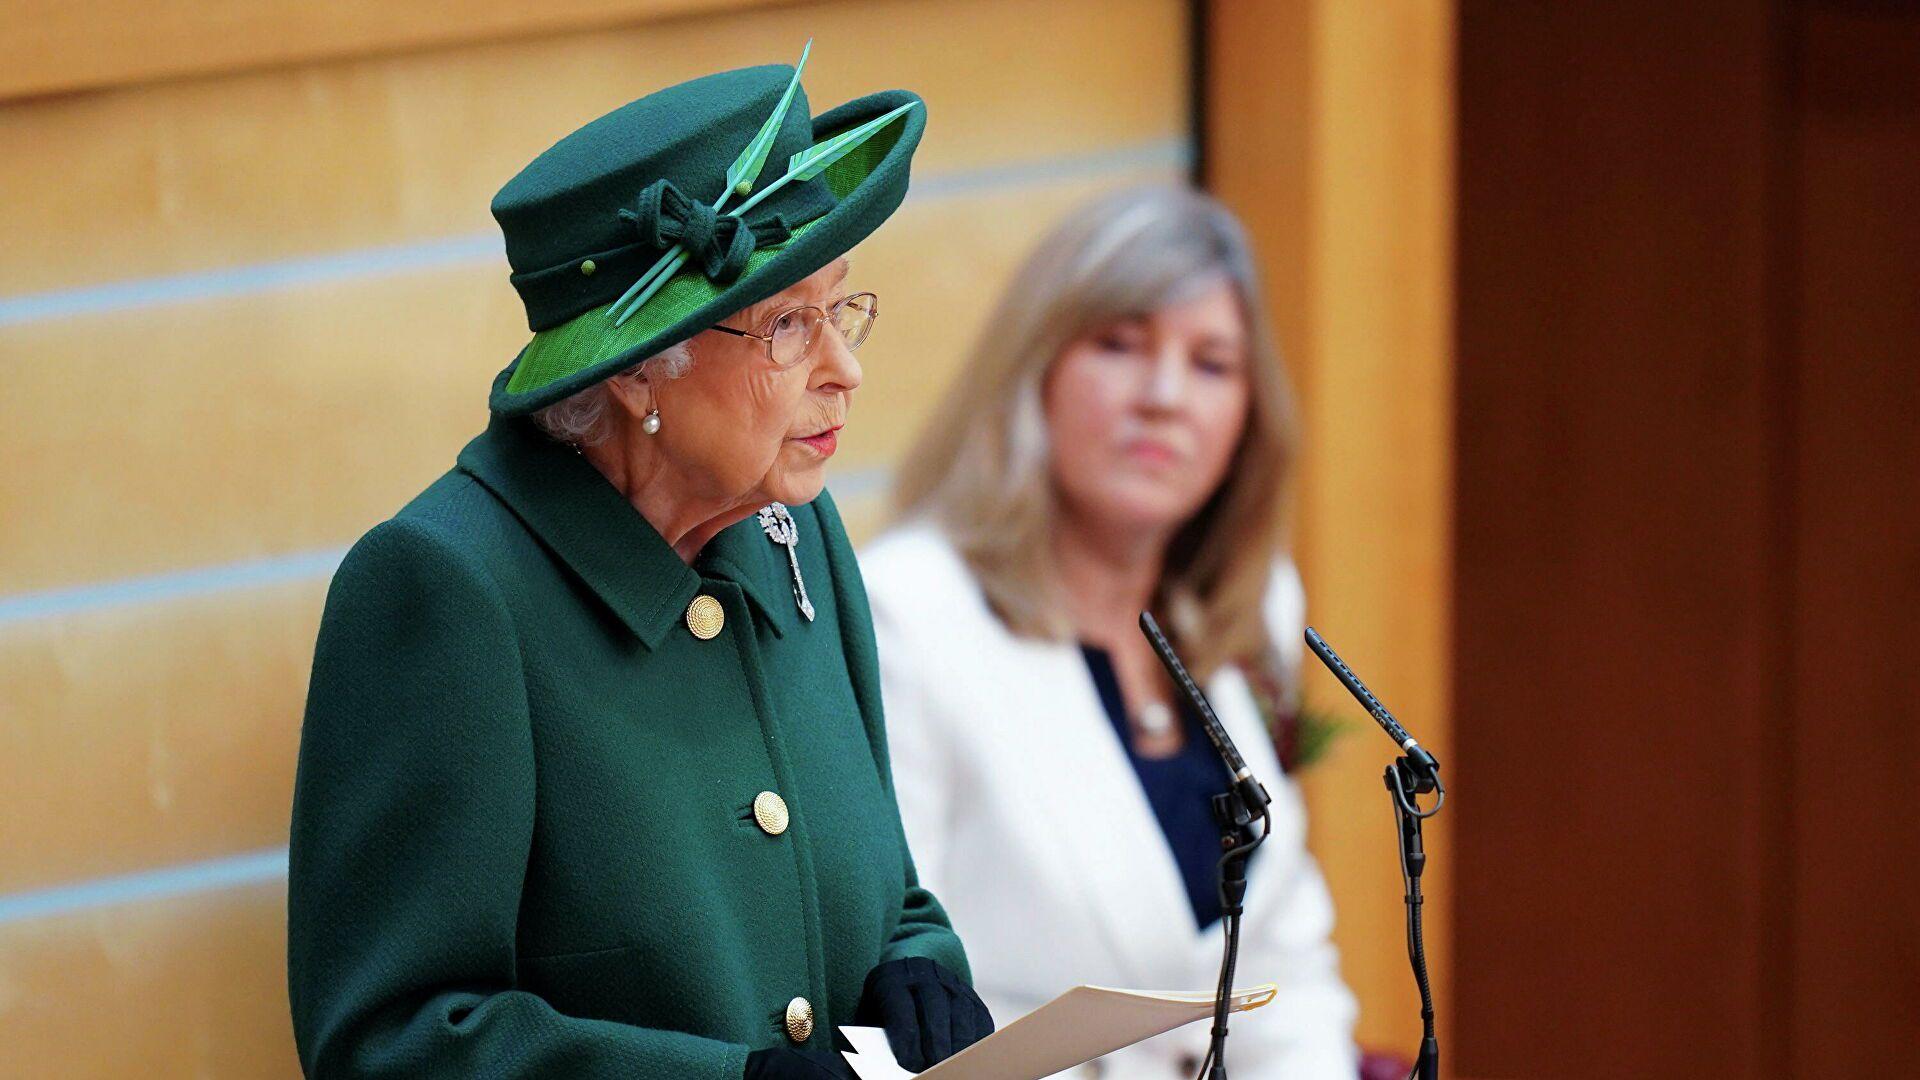 El 2 de octubre pasado, la Reina Isabel II inició las sesiones parlamentarias en Escocia